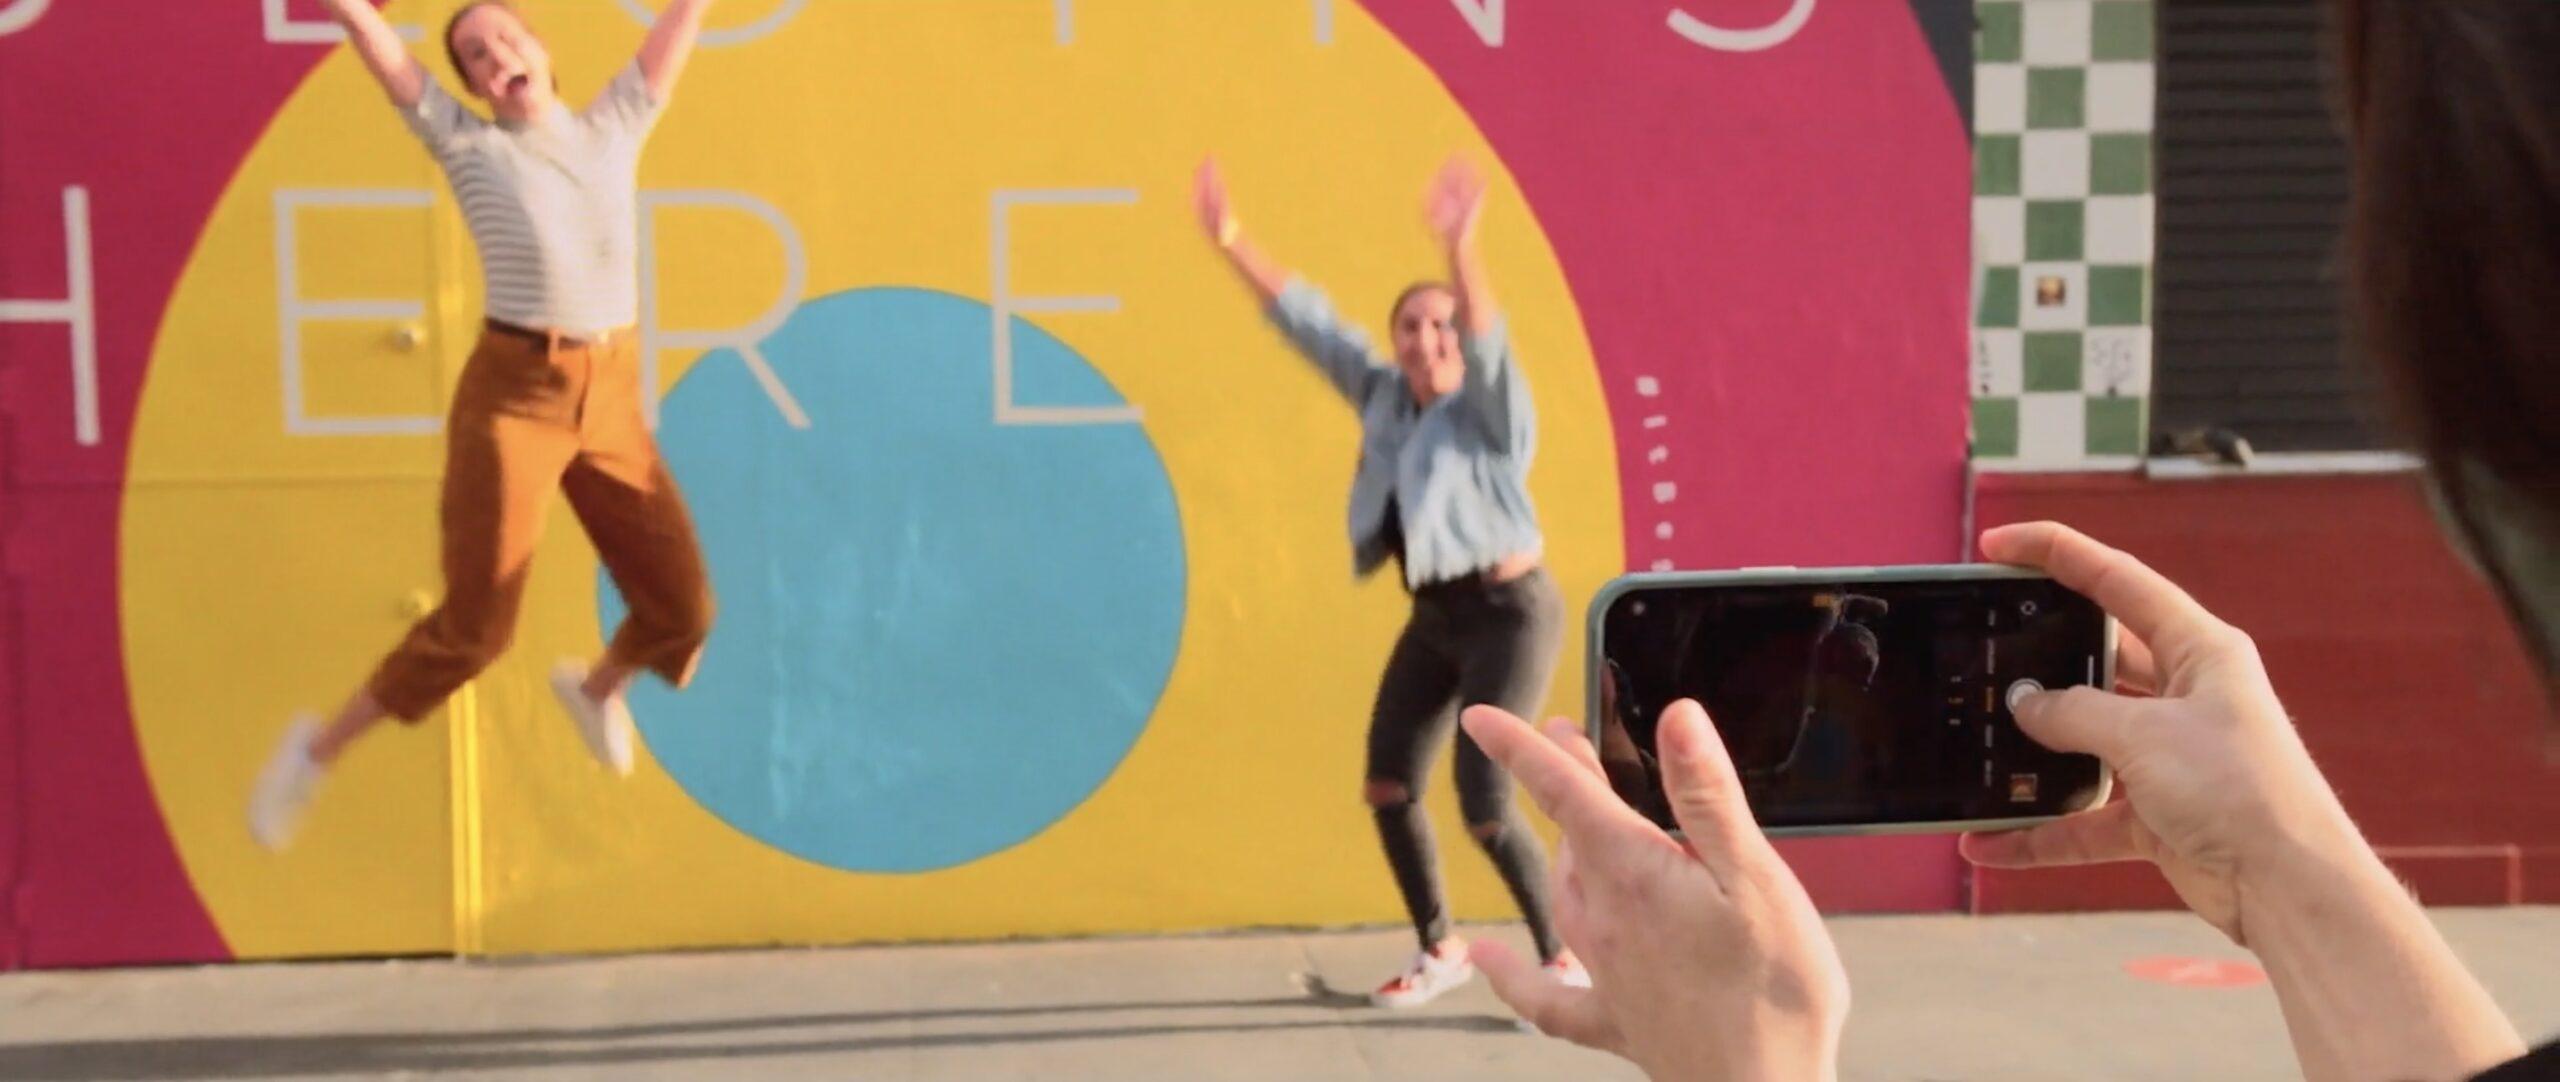 Video Capture - Venice Street Art Mural